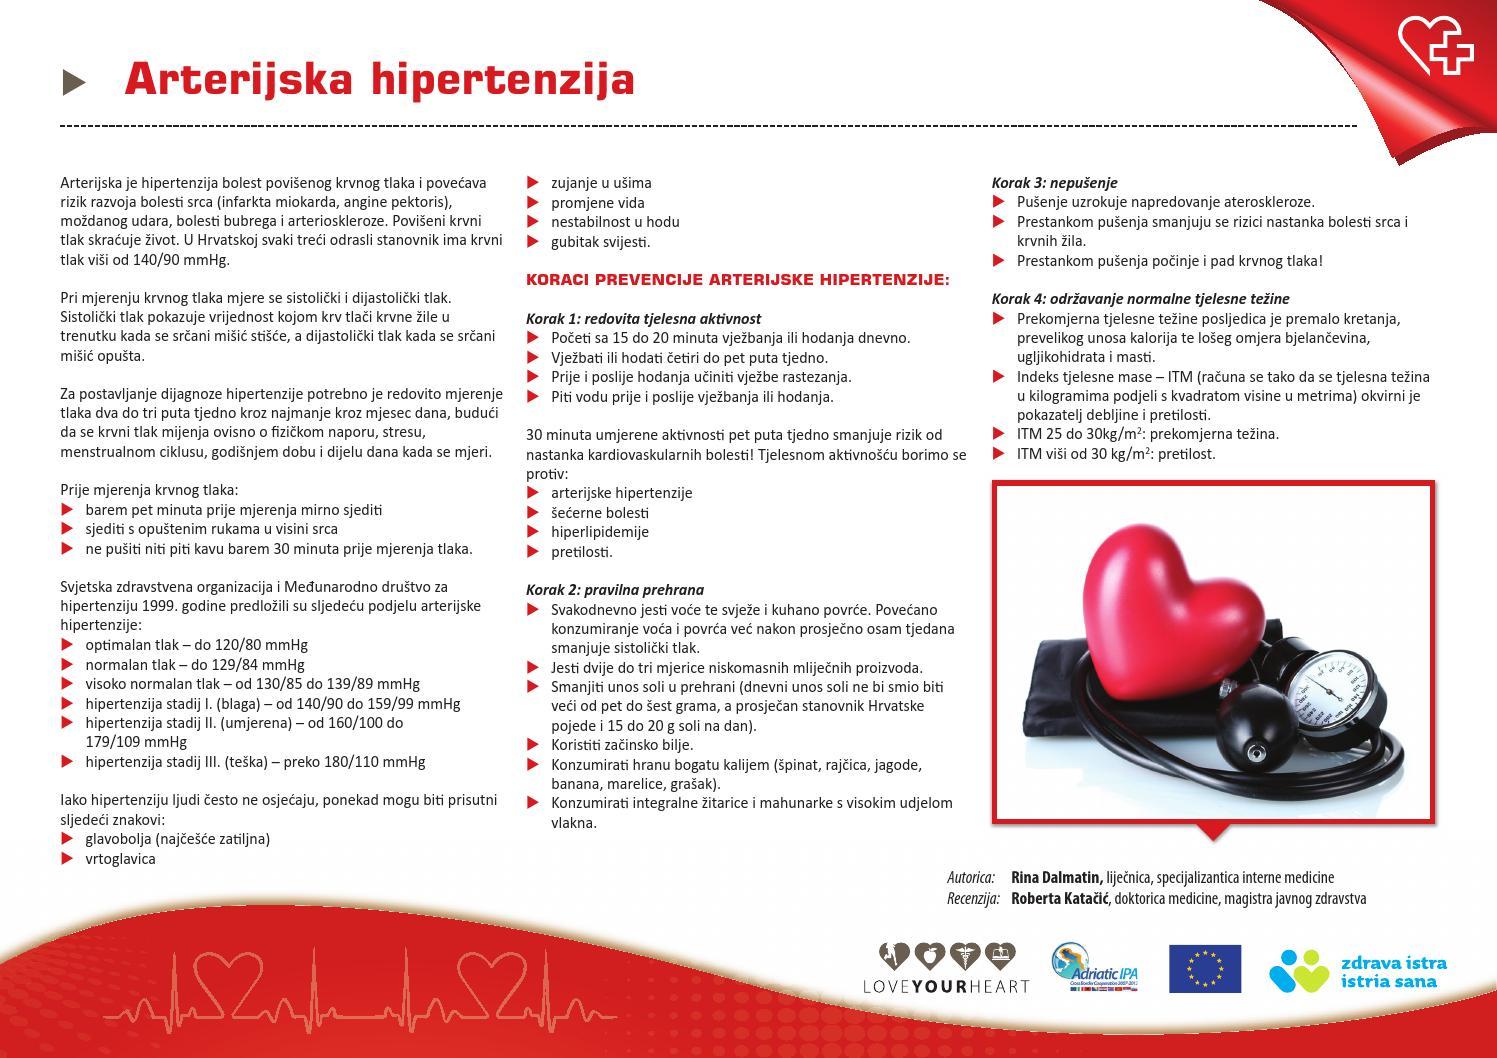 hipertenzija može sam uzeti glavobolja kad uzroci hipertenzije